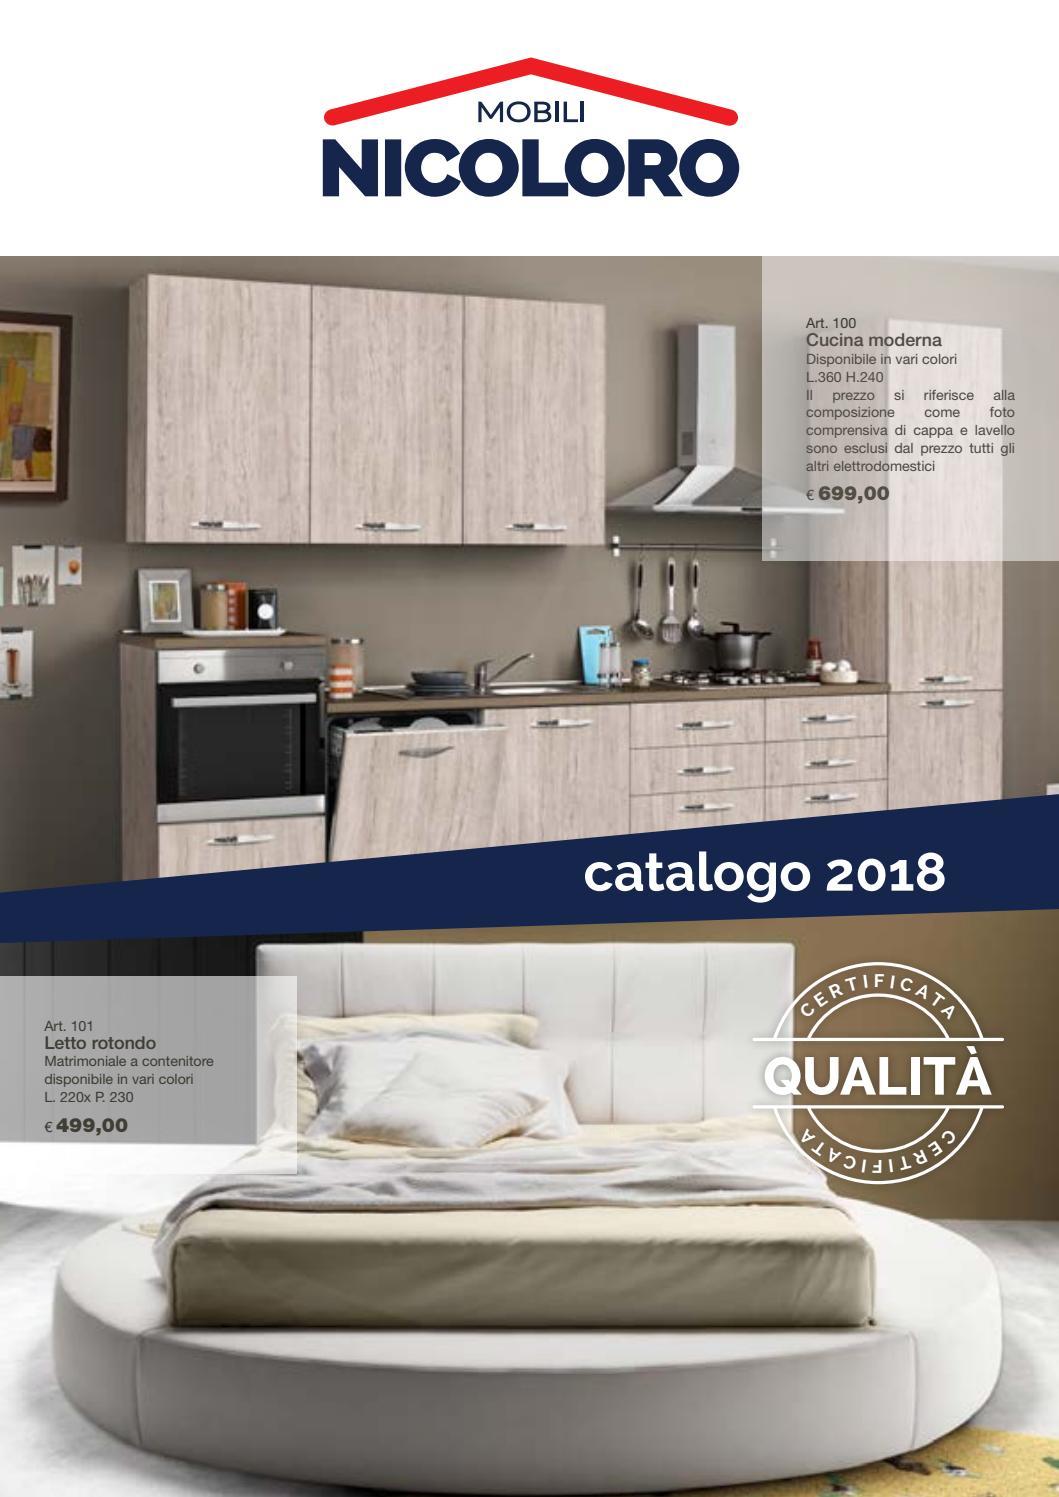 catalogo nicoloro mobili 2018 by nicoloro issuu